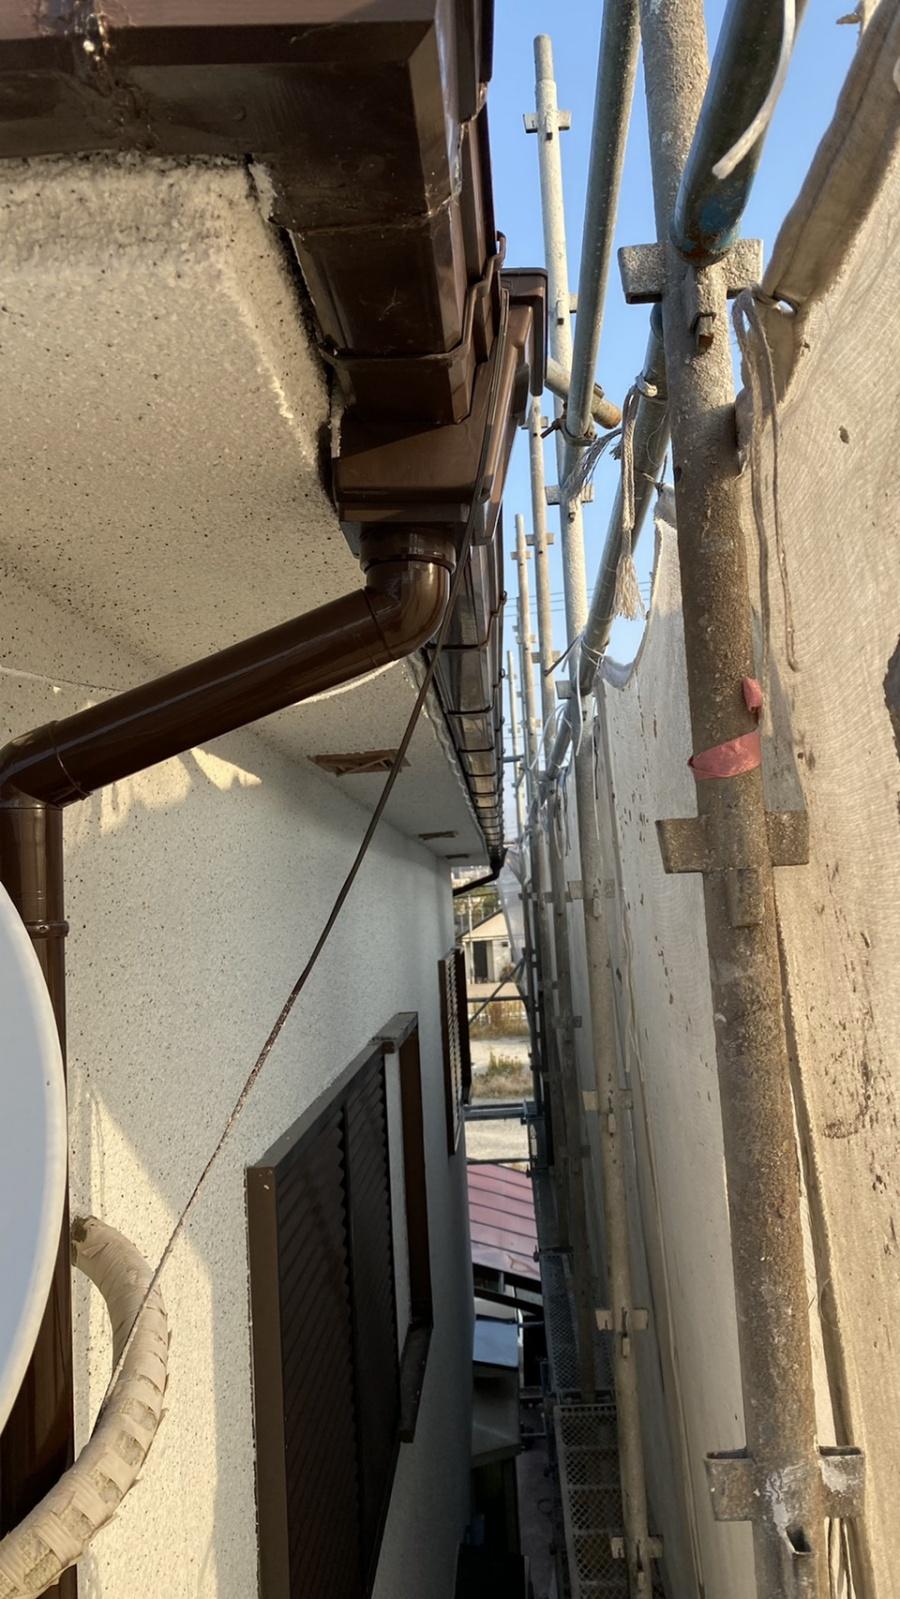 淡路市での雨樋修理前の様子